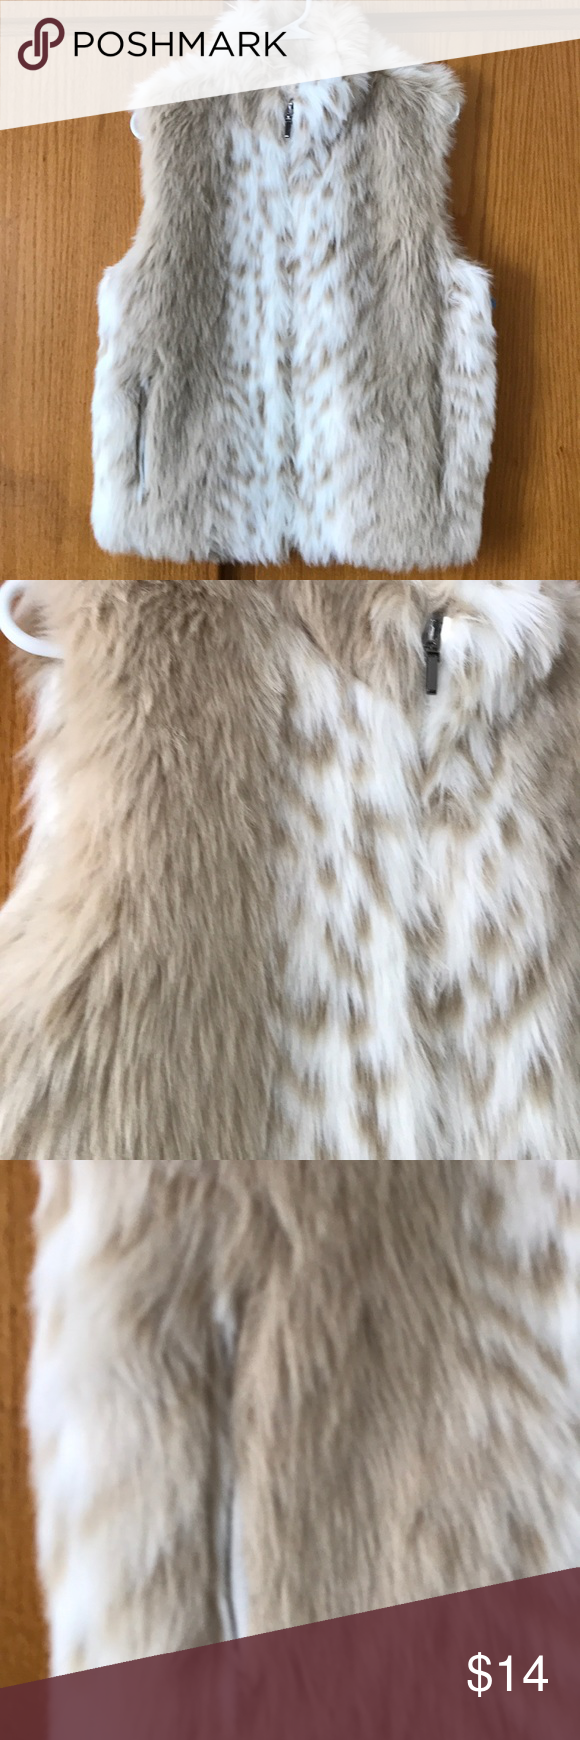 Reversible White Faux Tan Fur Vest Medium Reversible Faux Cream White Fur Vest Opposite Side Is A Thick White Soft Vinyl Ty In 2020 Tan Fur Vest Faux Tan Fur Vest